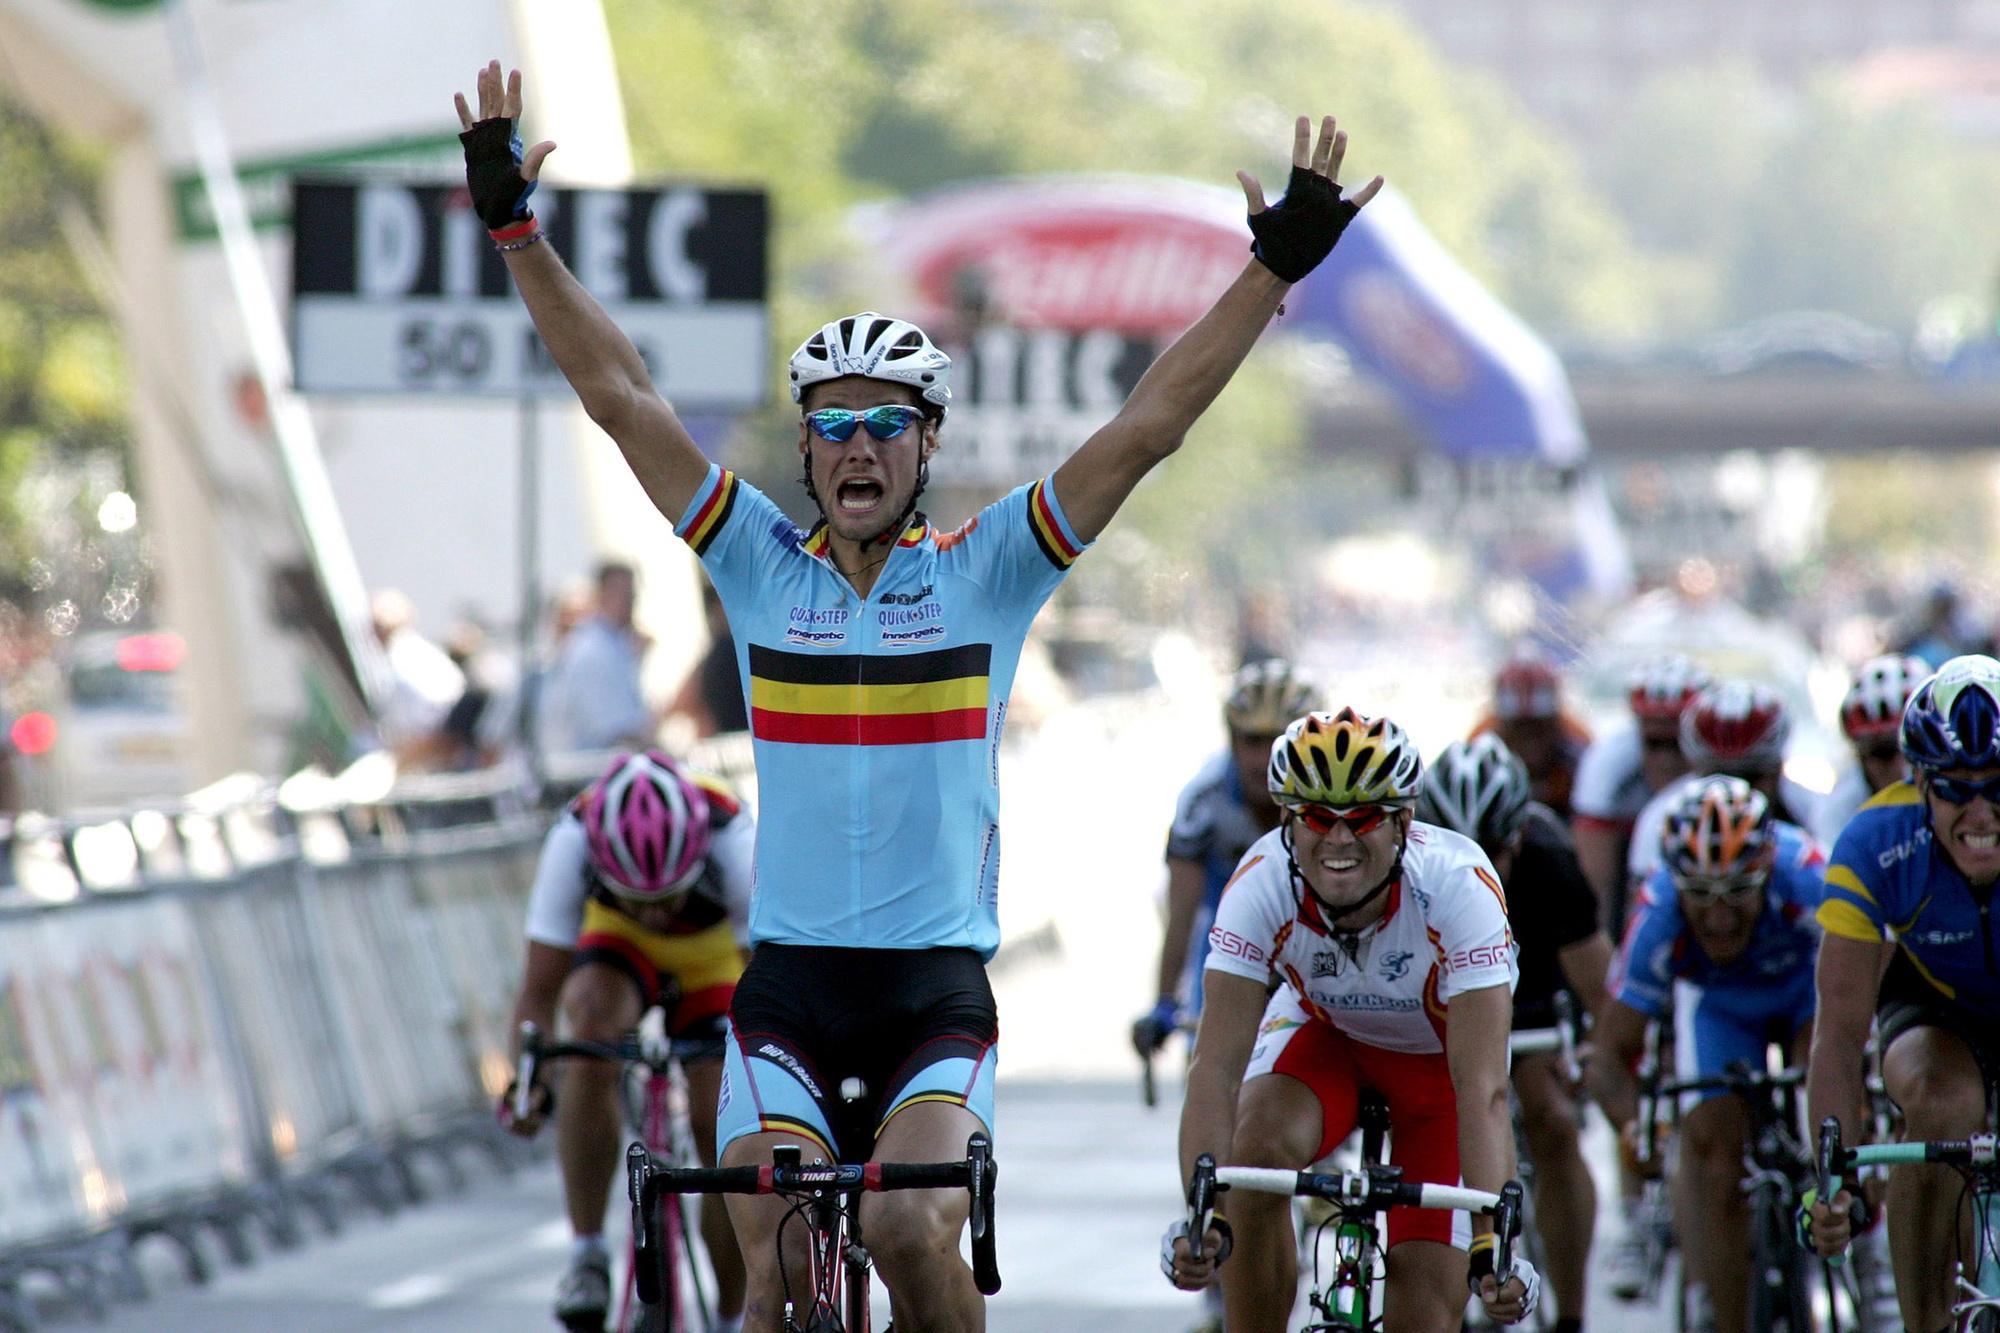 Het hoogtepunt van Boonens carrière: de wereldtitel in 2005 in Madrid, Belga Image